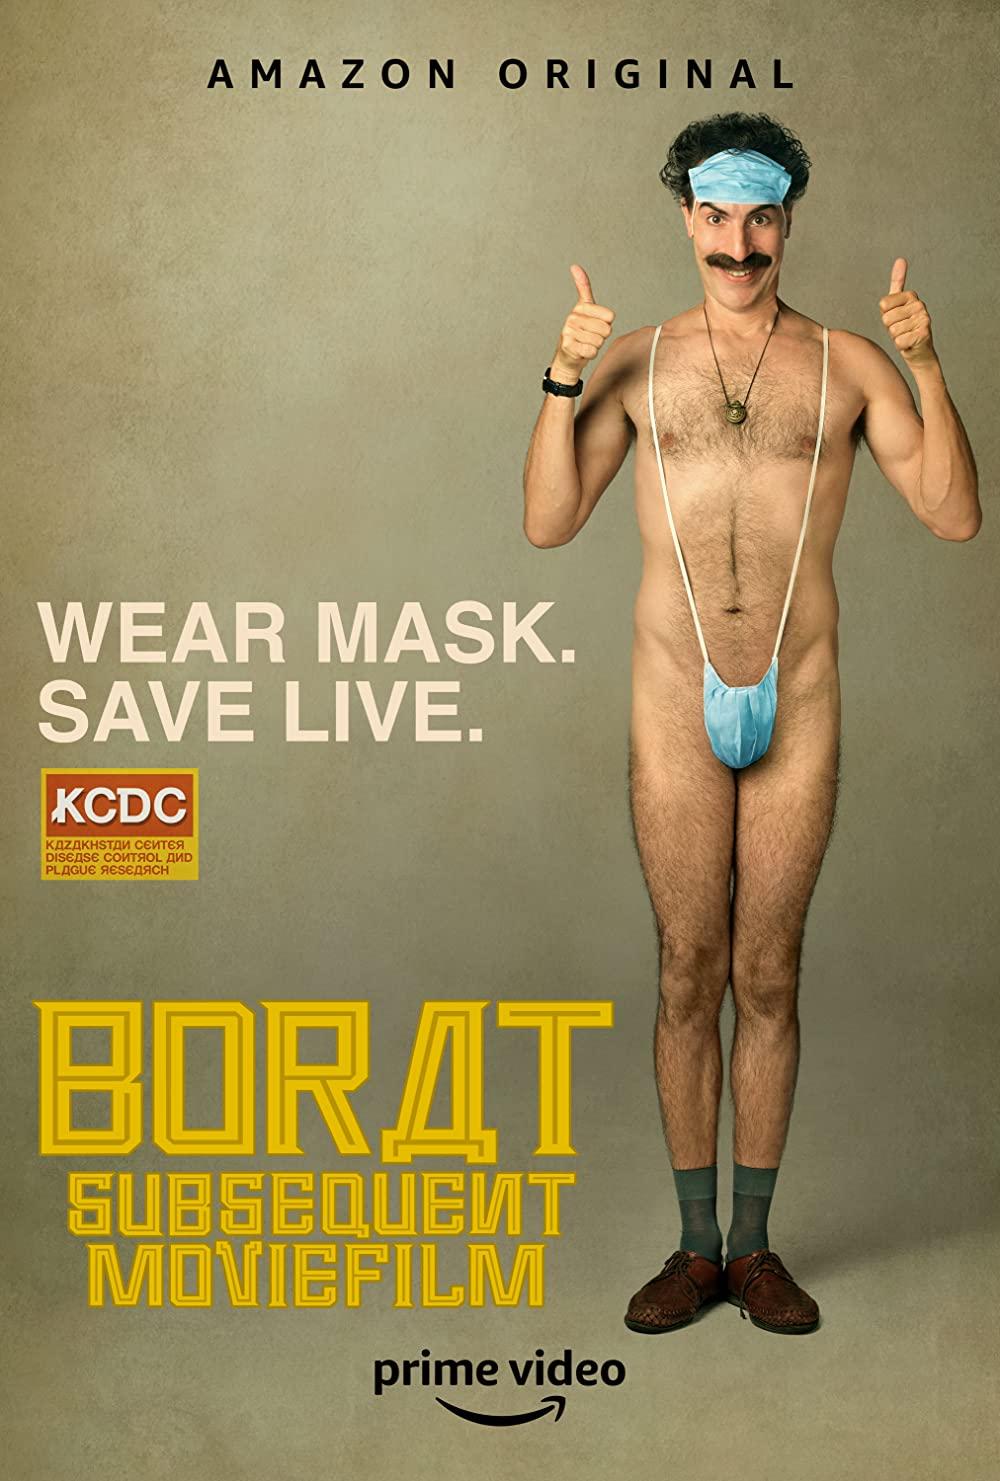 Borat Subsequent Moviefilm poster